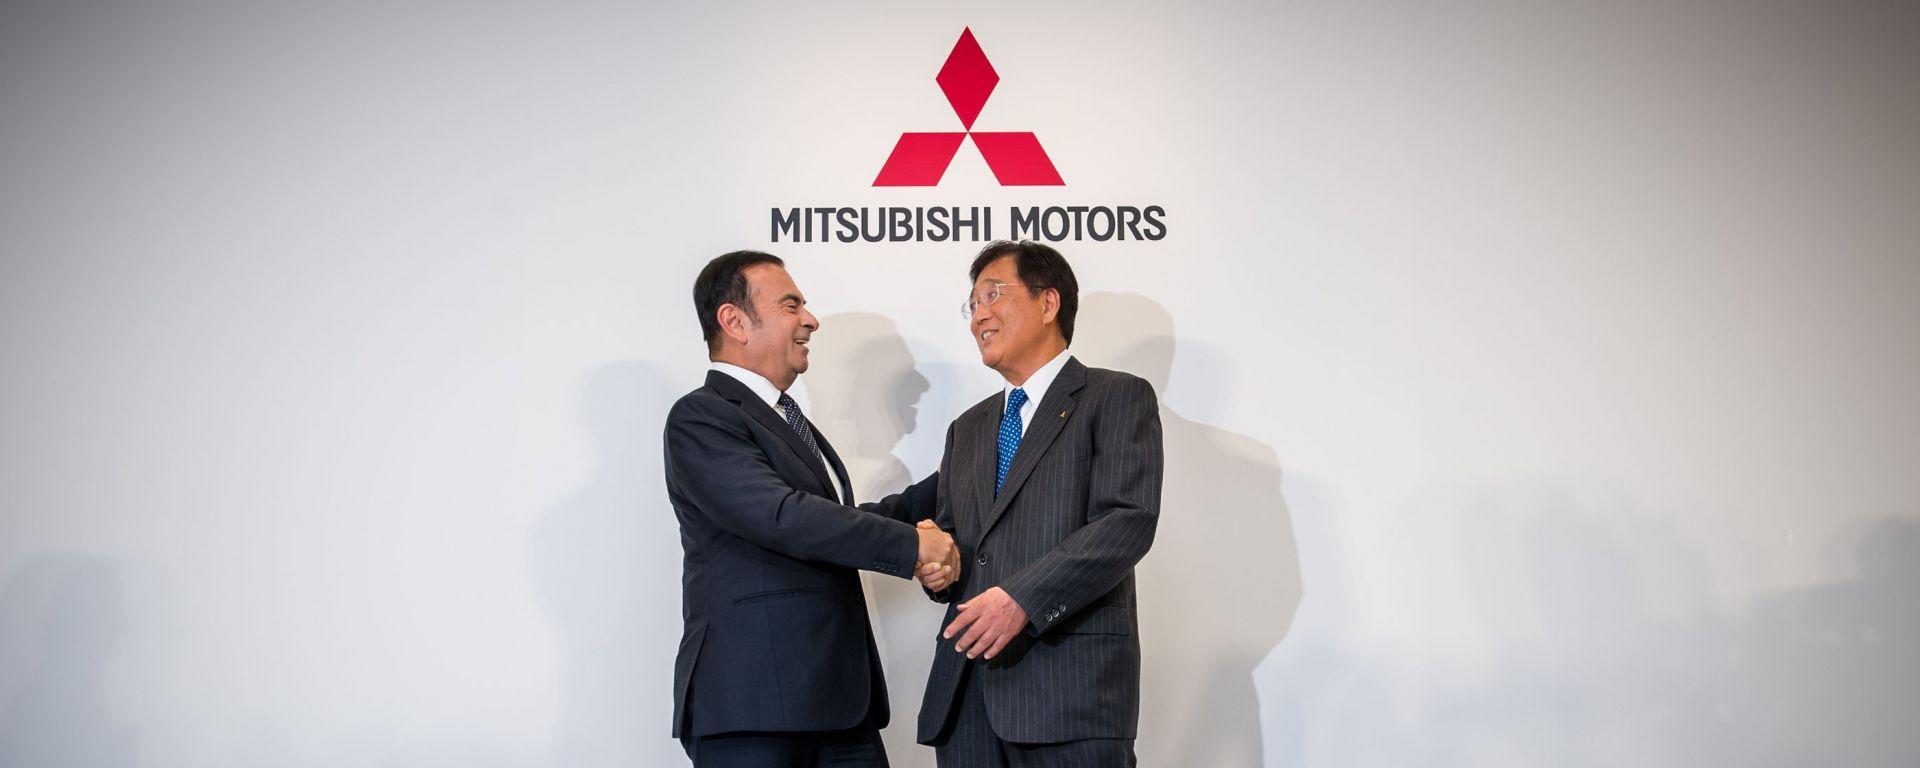 Carlos Ghosn, già presidente di Nissan e Renault, e il CEO di Mitsubishi Osamu Masuko